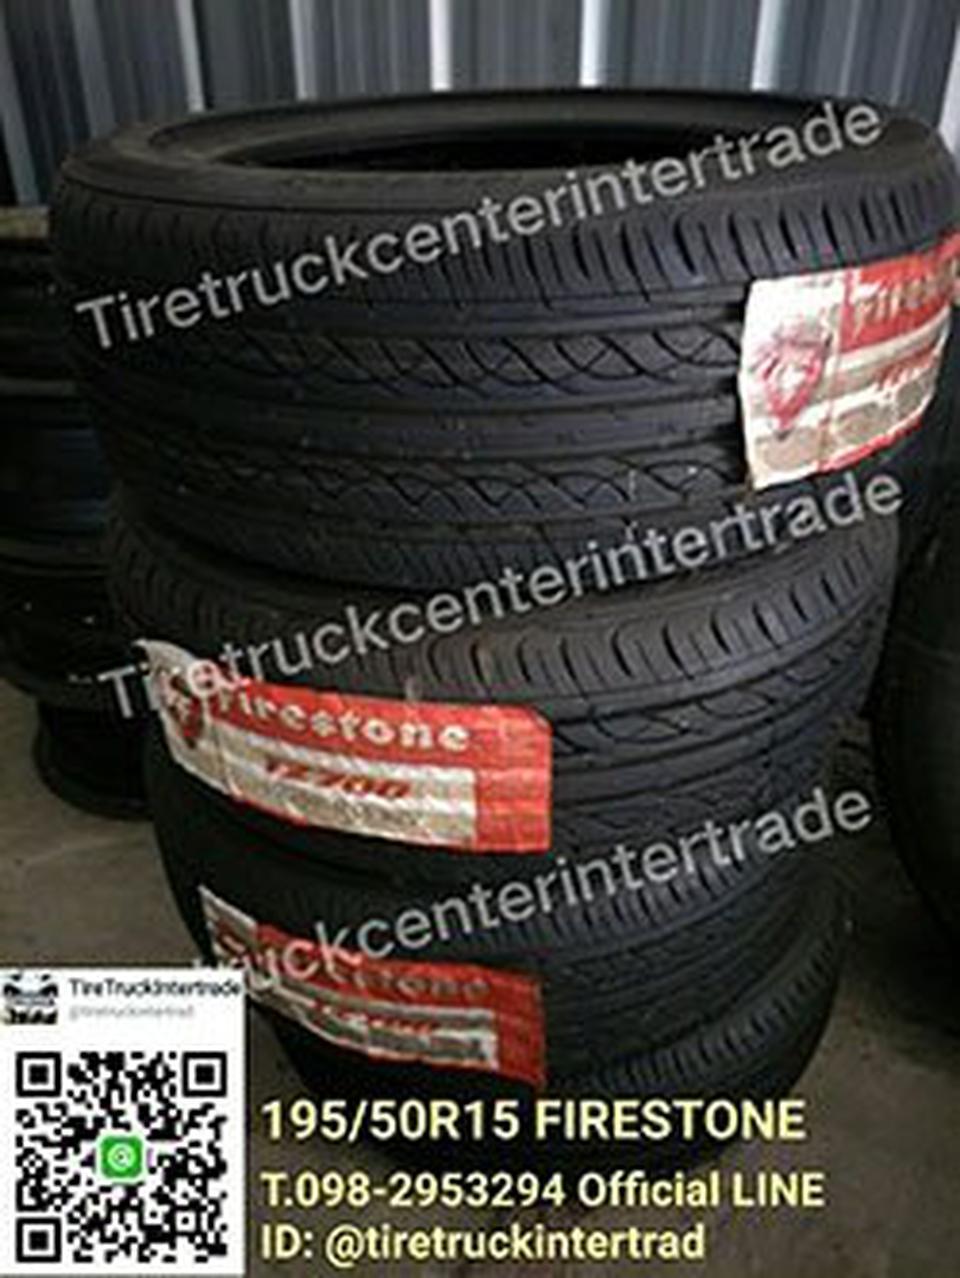 ยางสำหรับรถบรรทุกขนาด 195/50R15 FIRESTONE สามารถติดต่อสอบถาม รูปที่ 1